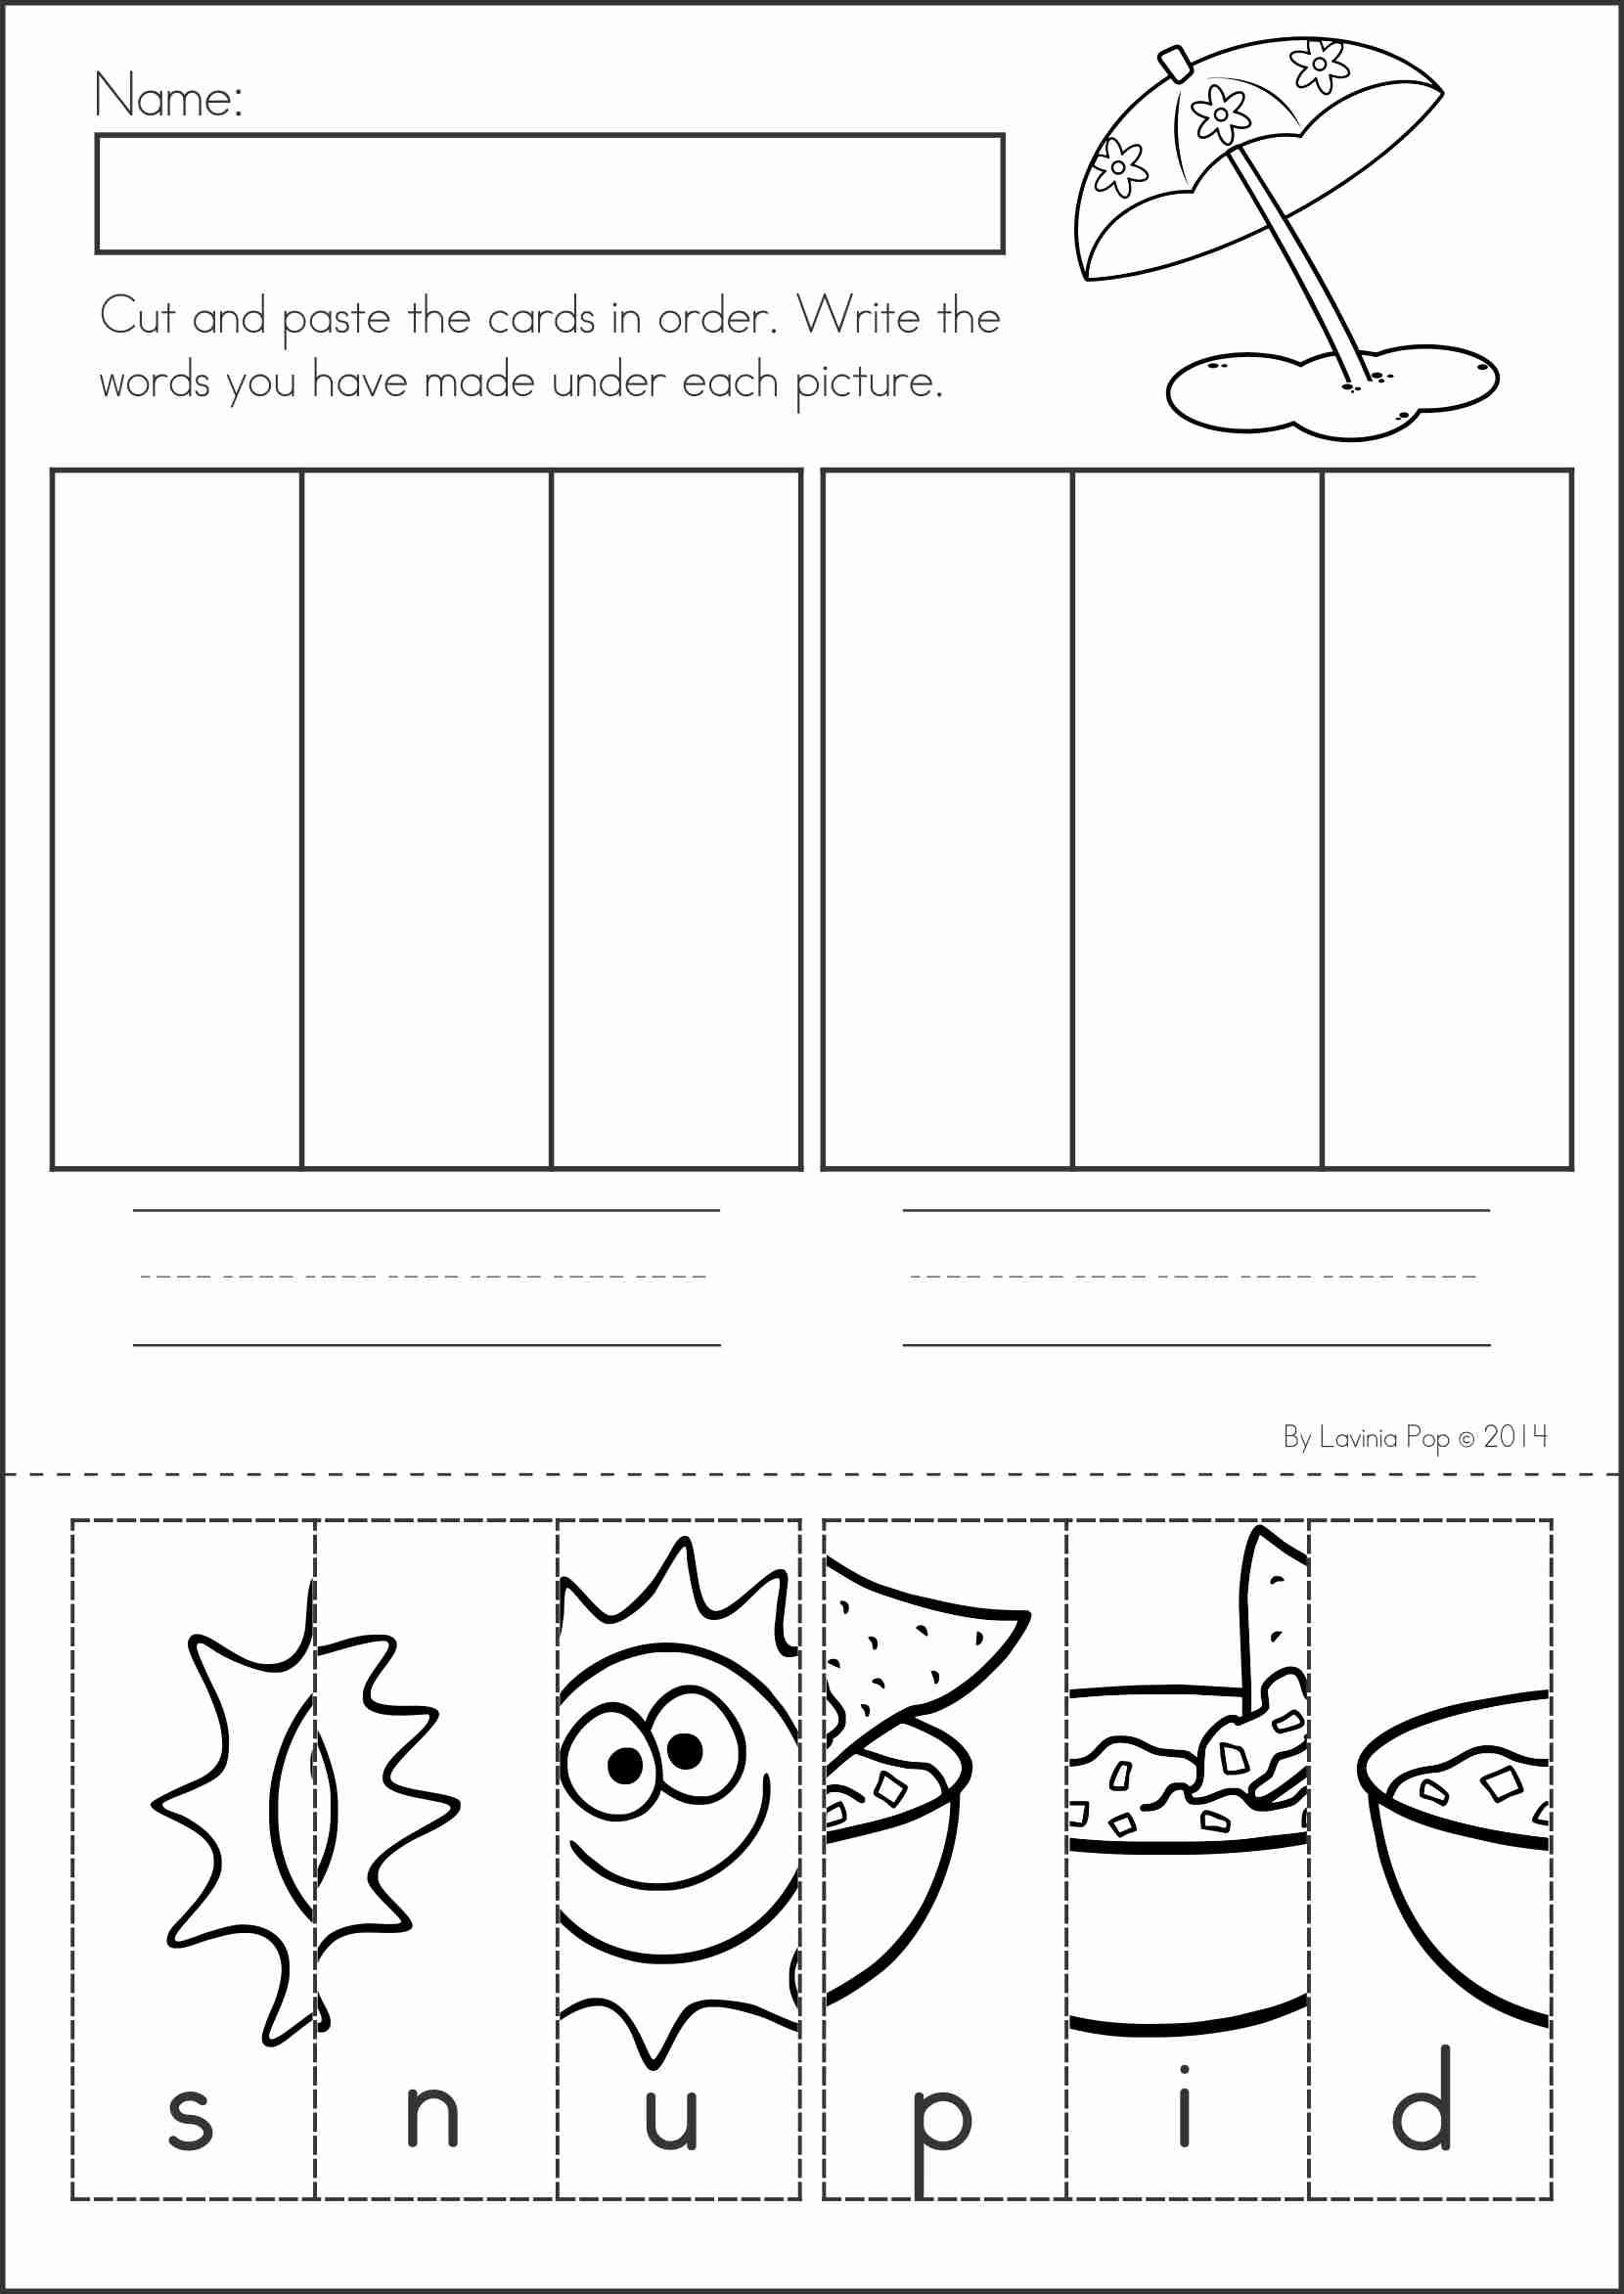 843e60ef9c68cdeda25a503efbd04d13 - Summer Worksheets For Kindergarten